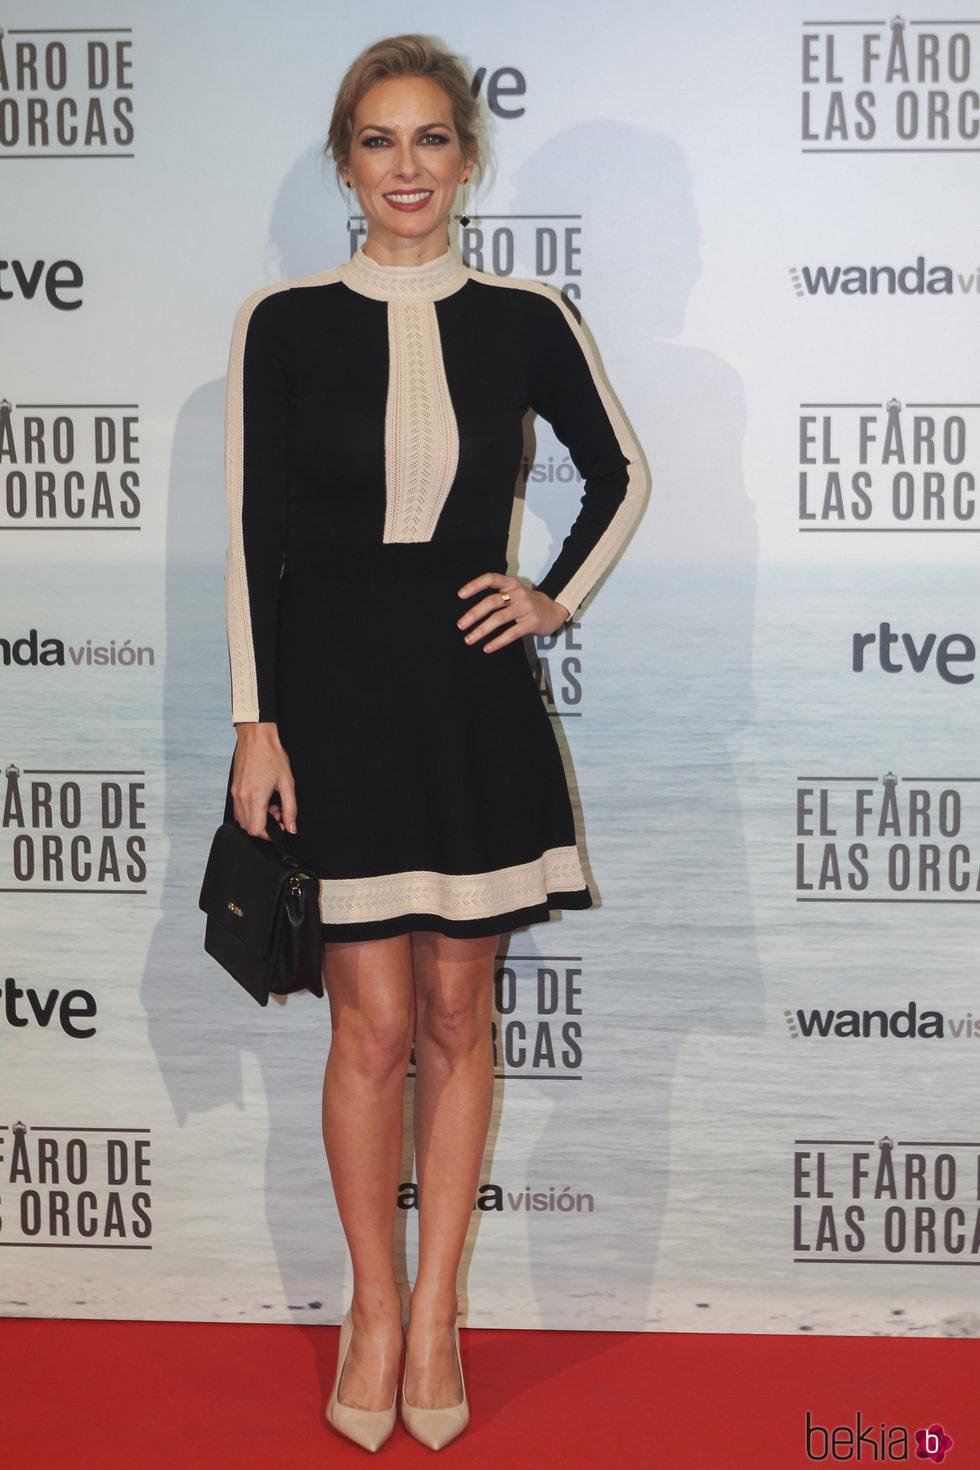 Kira Miró con un look bicolor en la premiere de la película 'El faro de las orcas'